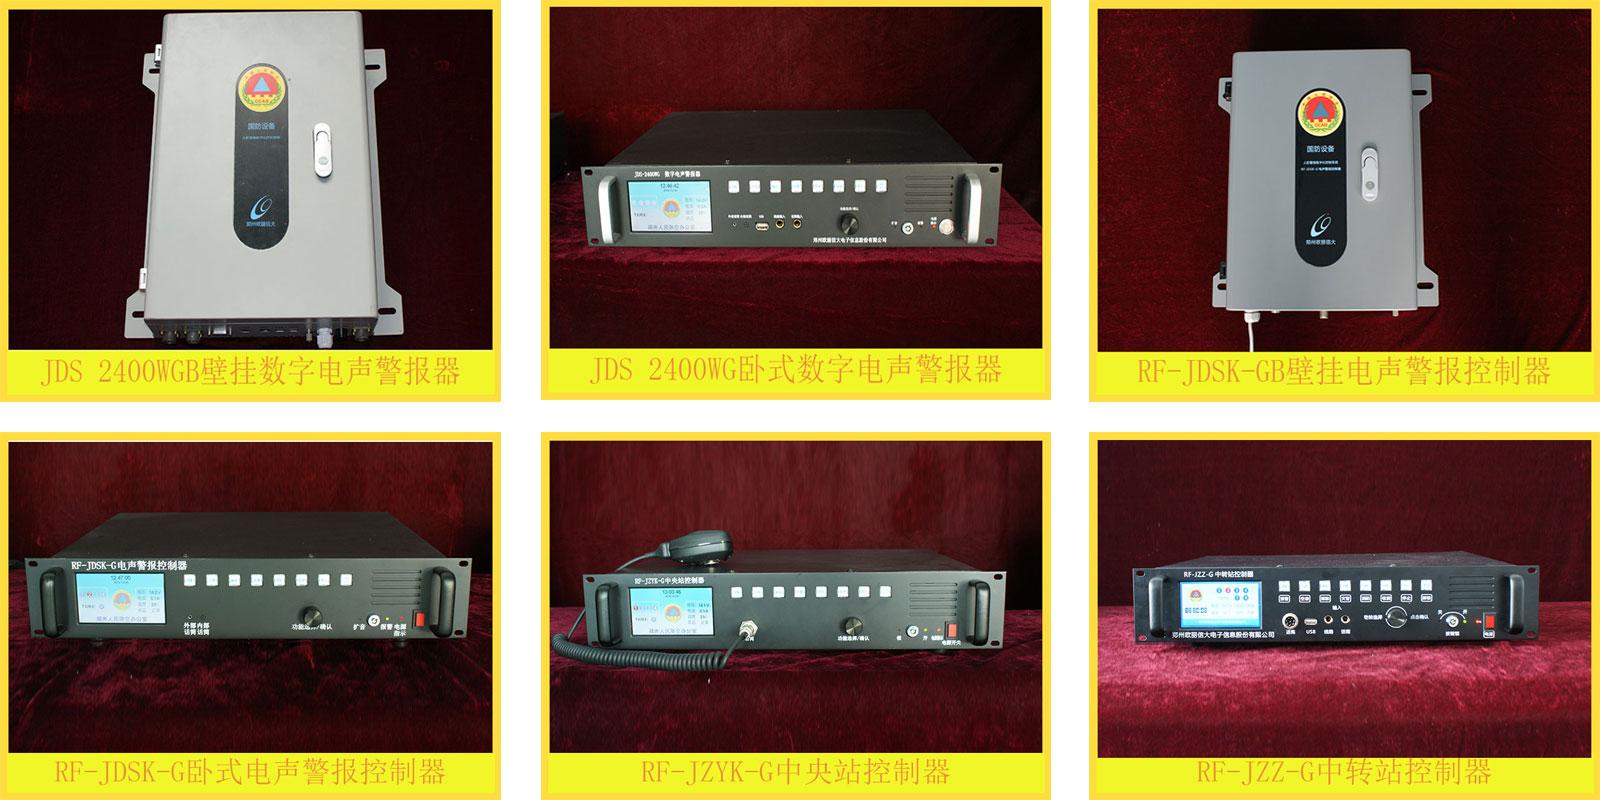 人防警报数字化控制设备